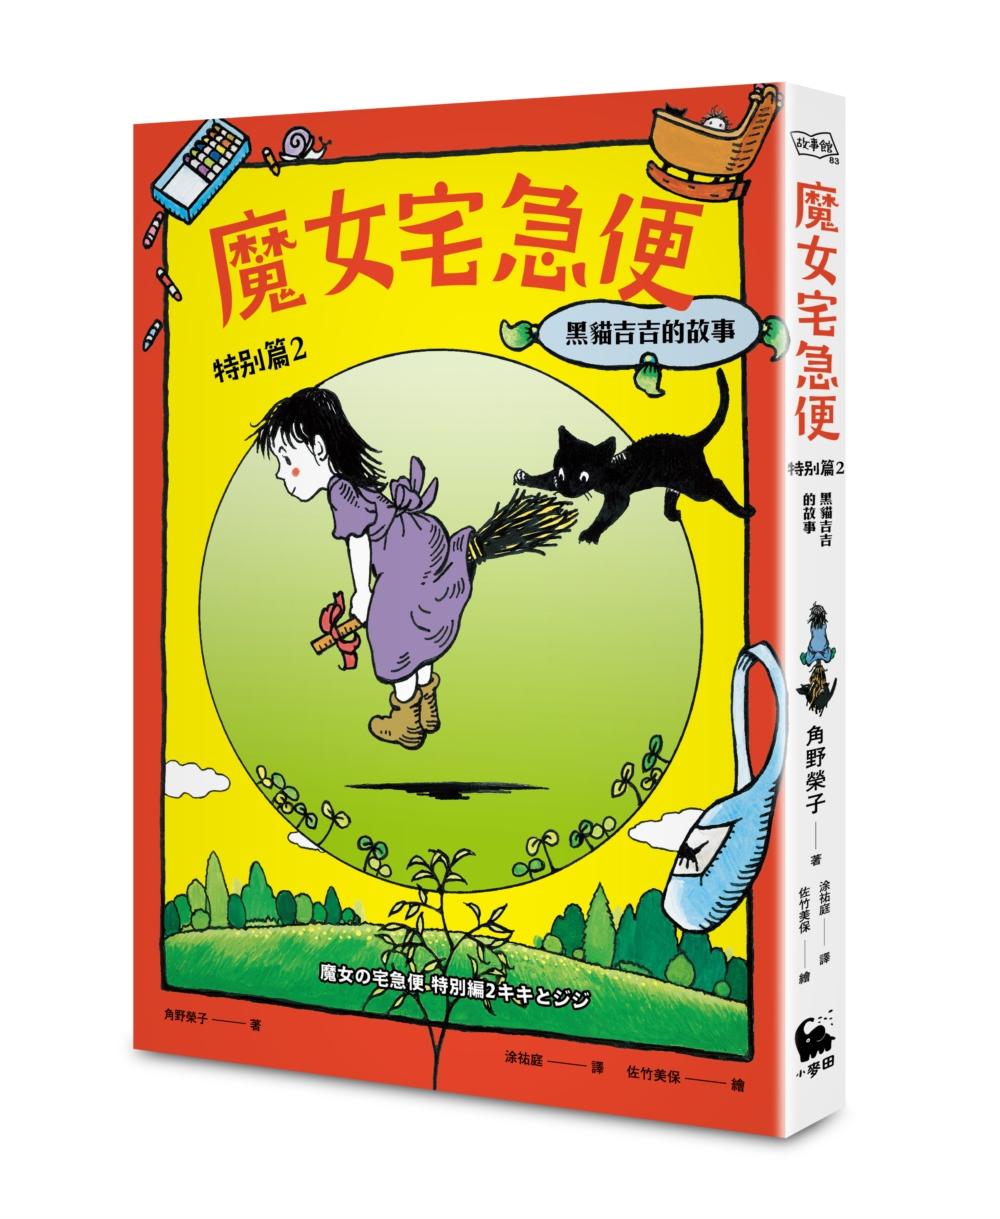 魔女宅急便特別篇2黑貓吉吉的故事(繁體中文版首度出版)